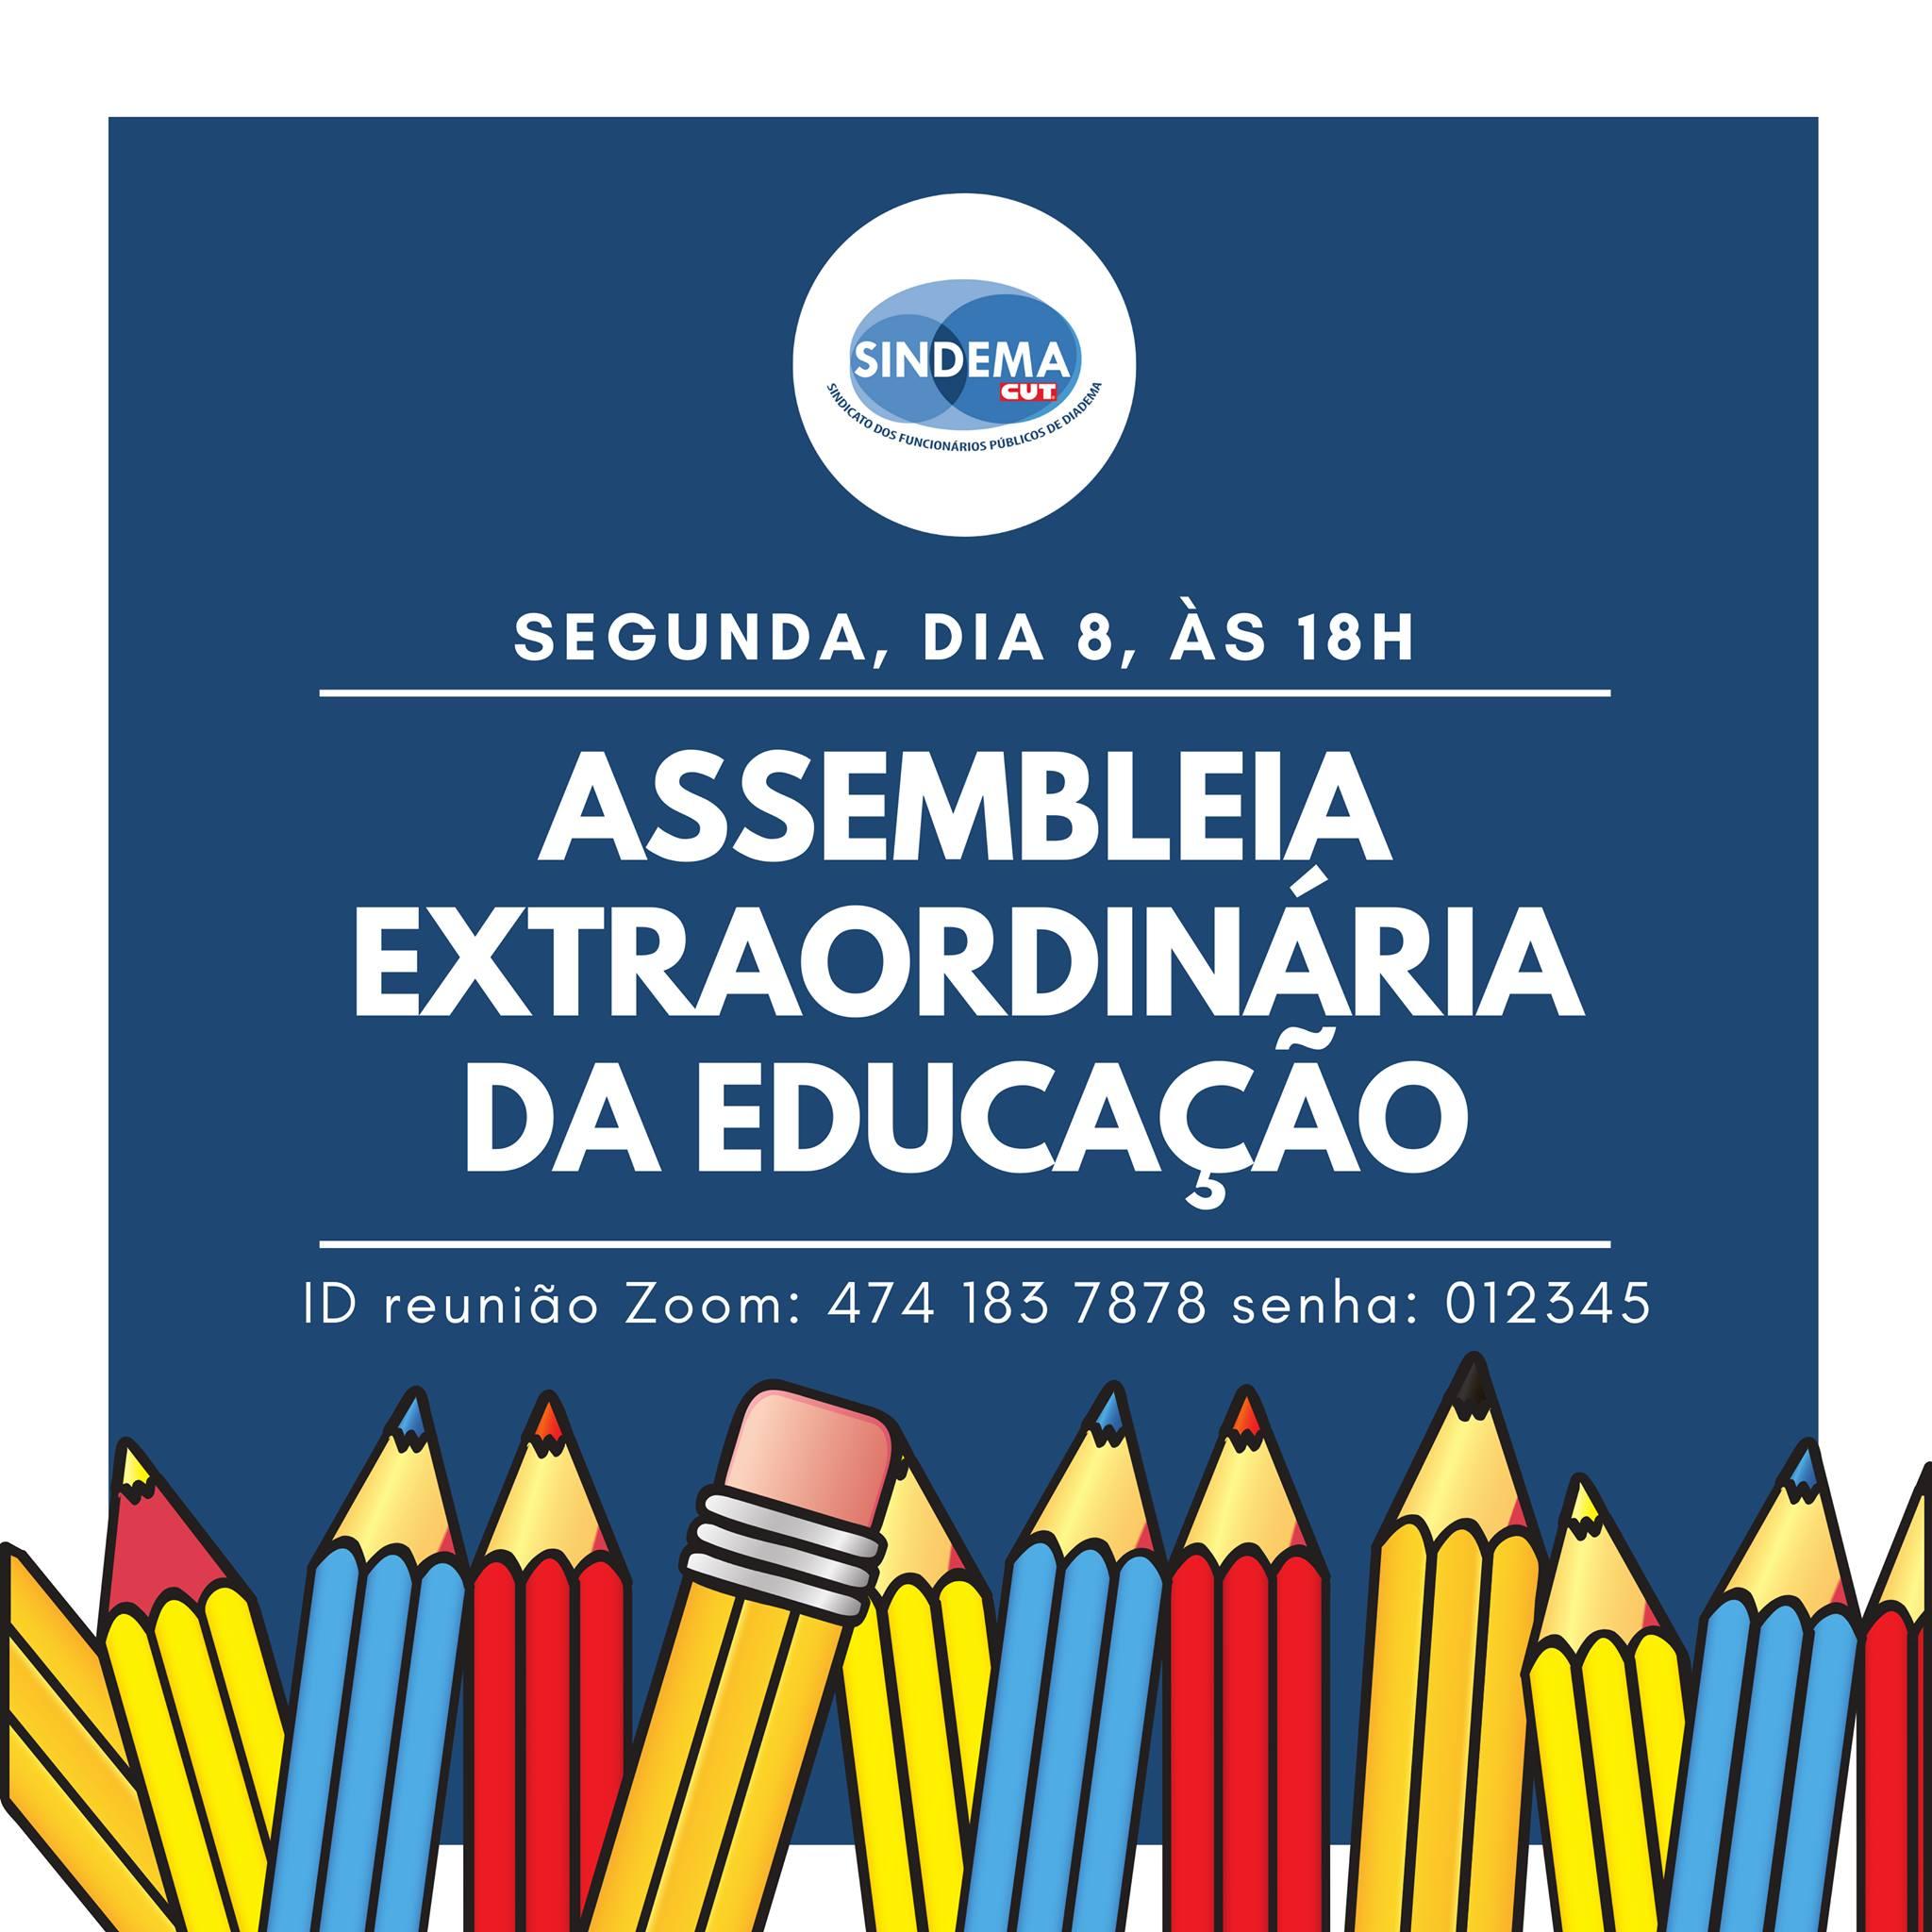 Assembleia extraordinária da Educação.